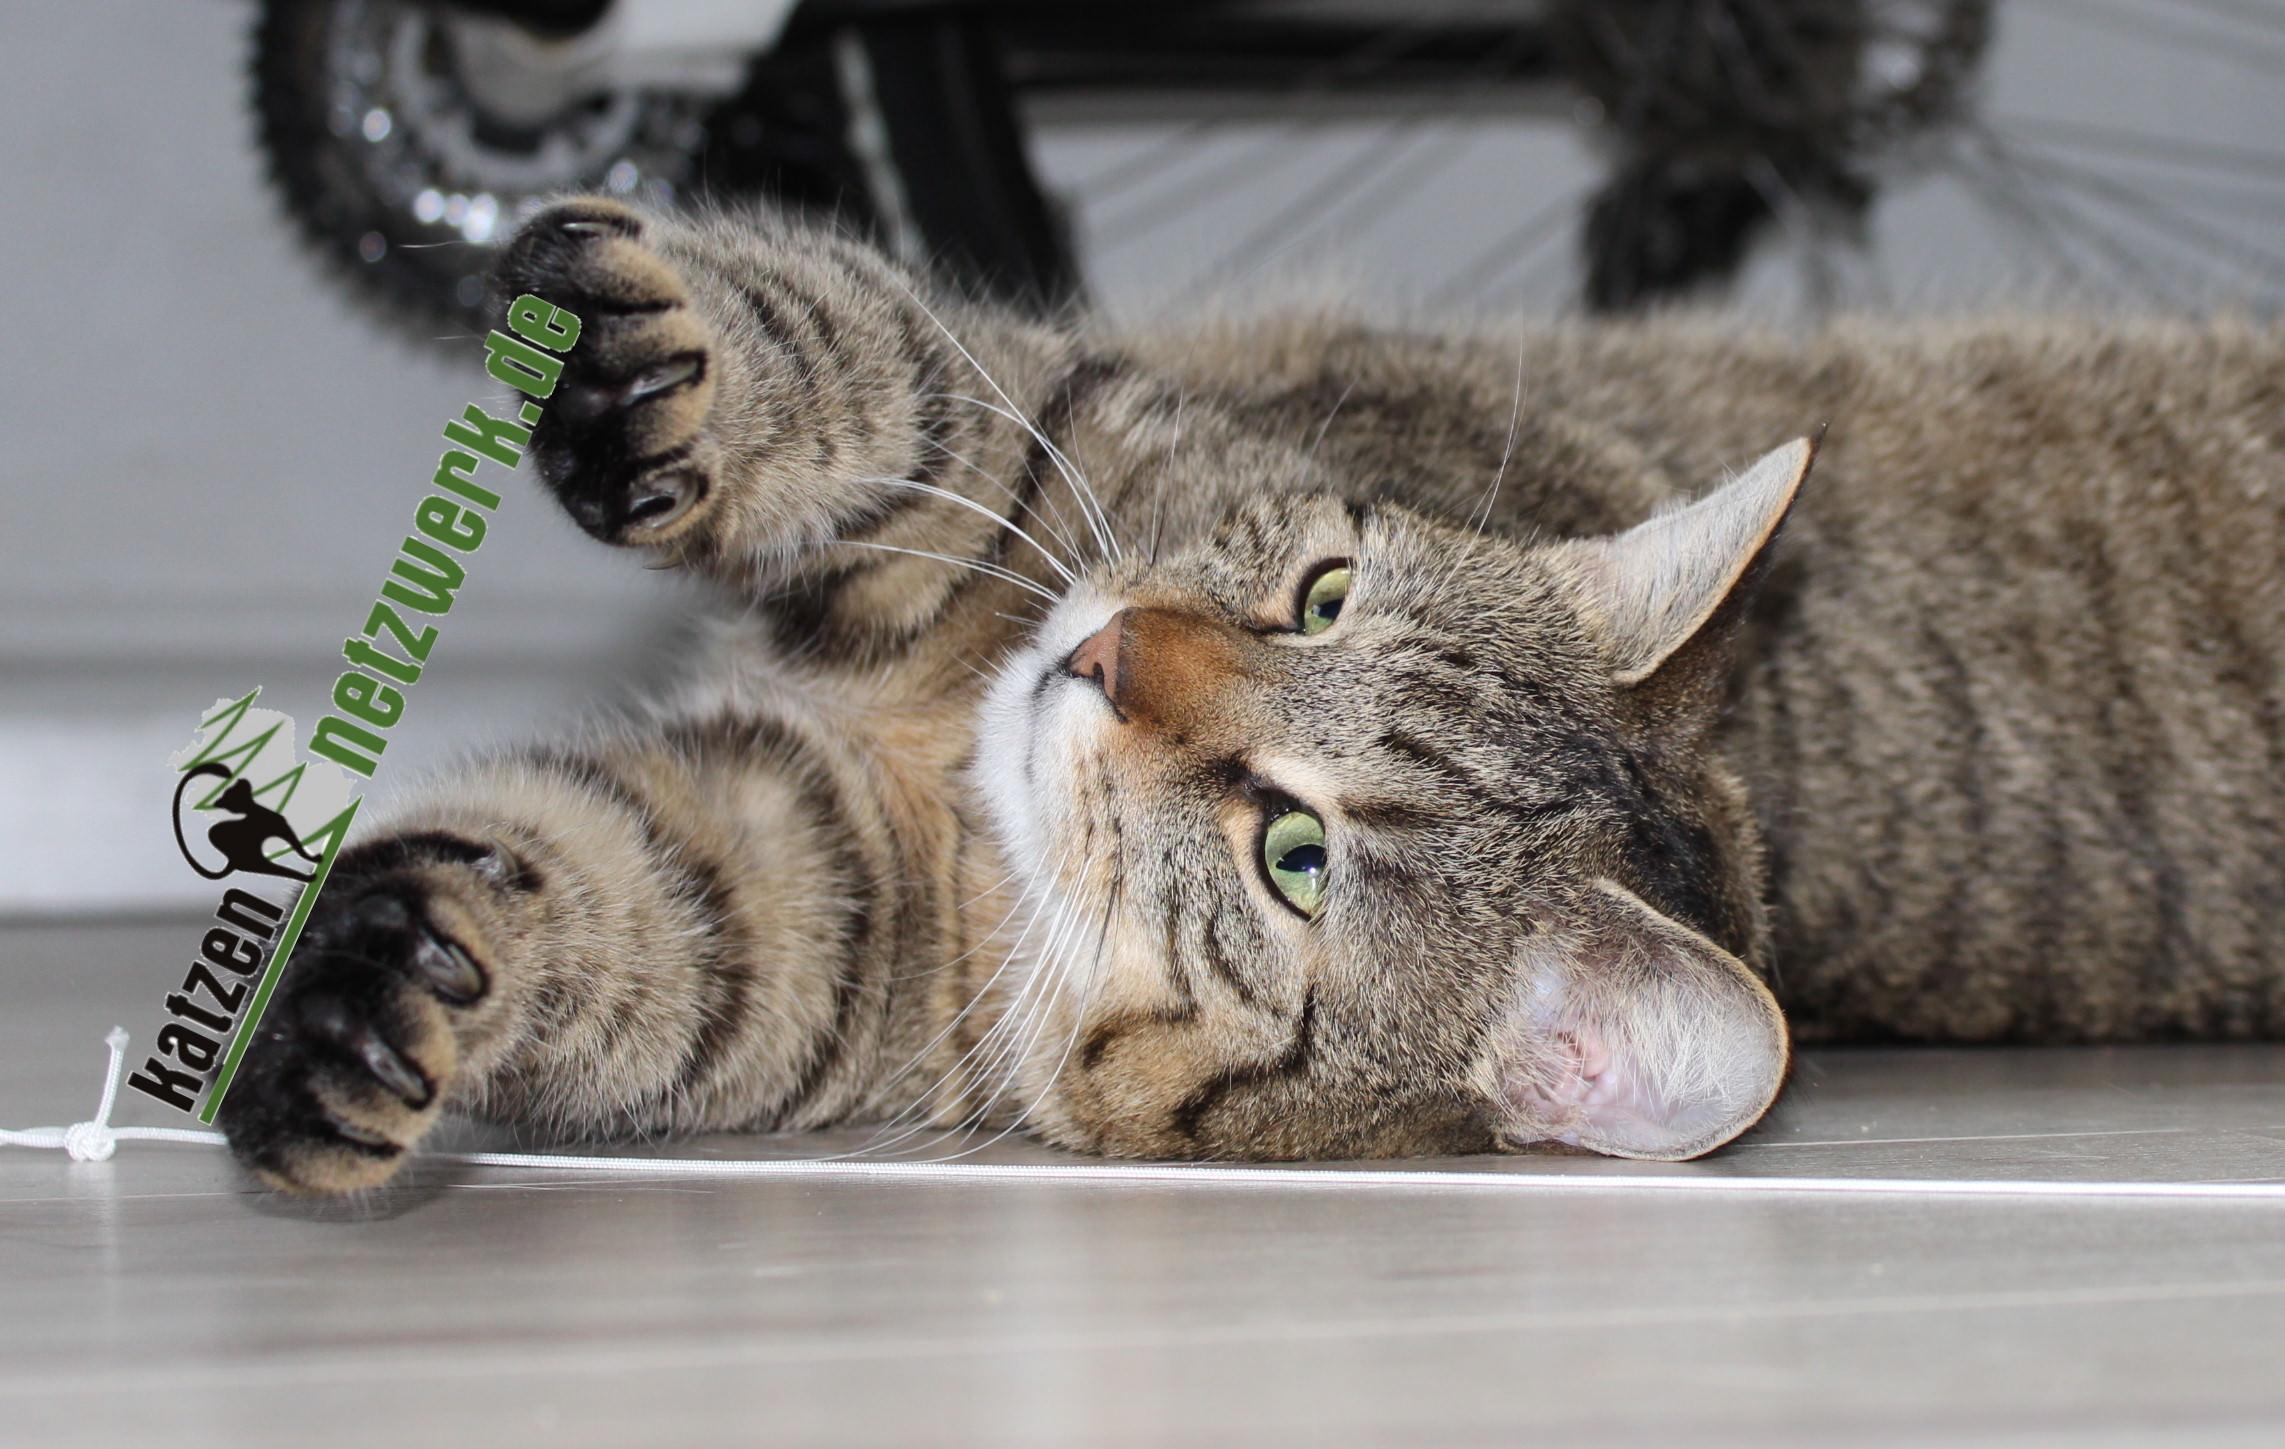 LiJaLu: Voll knorke – Das Katzennetzwerk